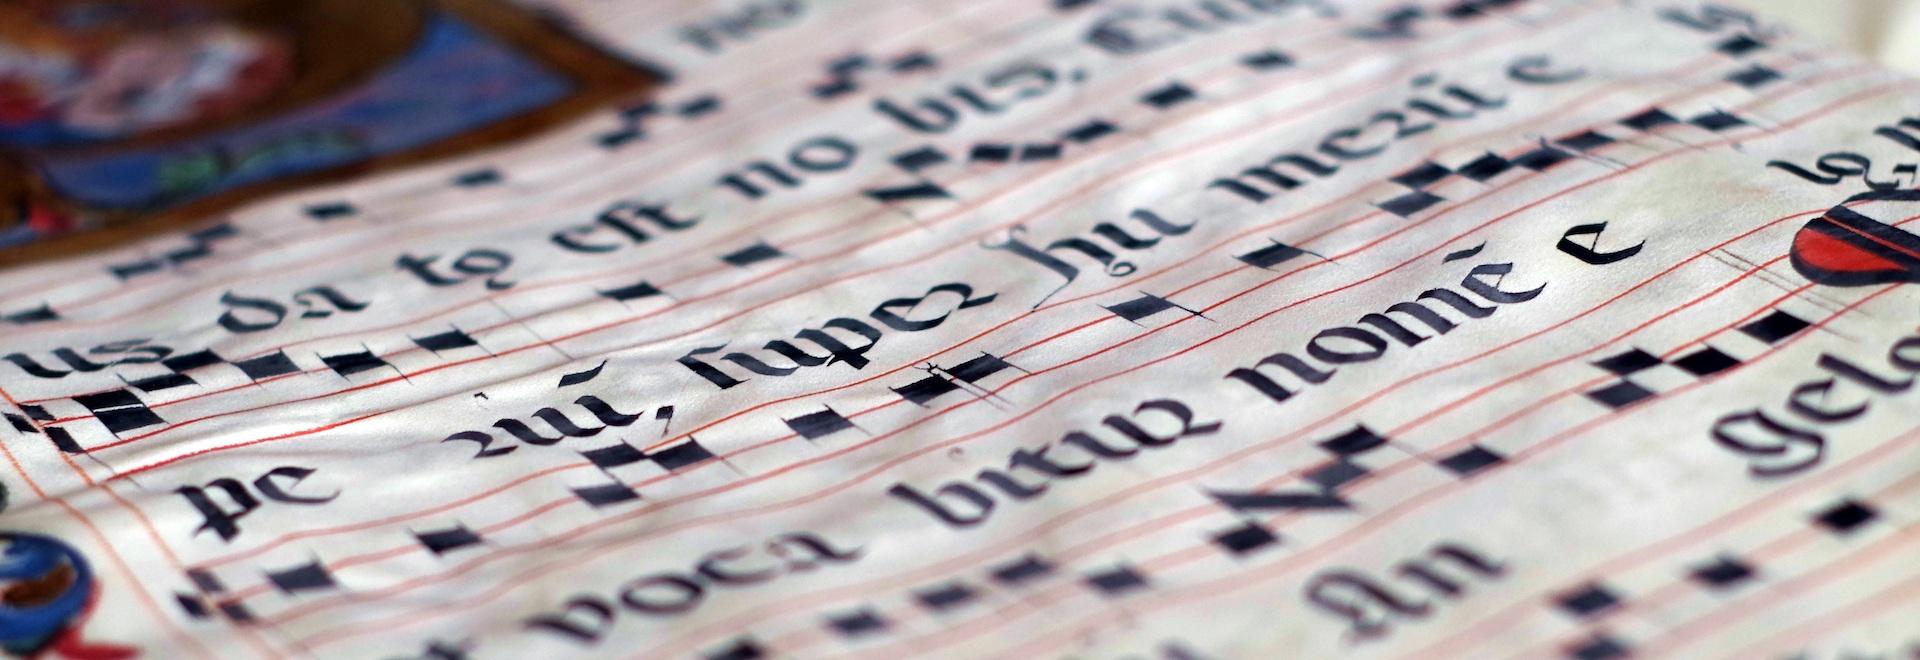 Medieval music manuscript